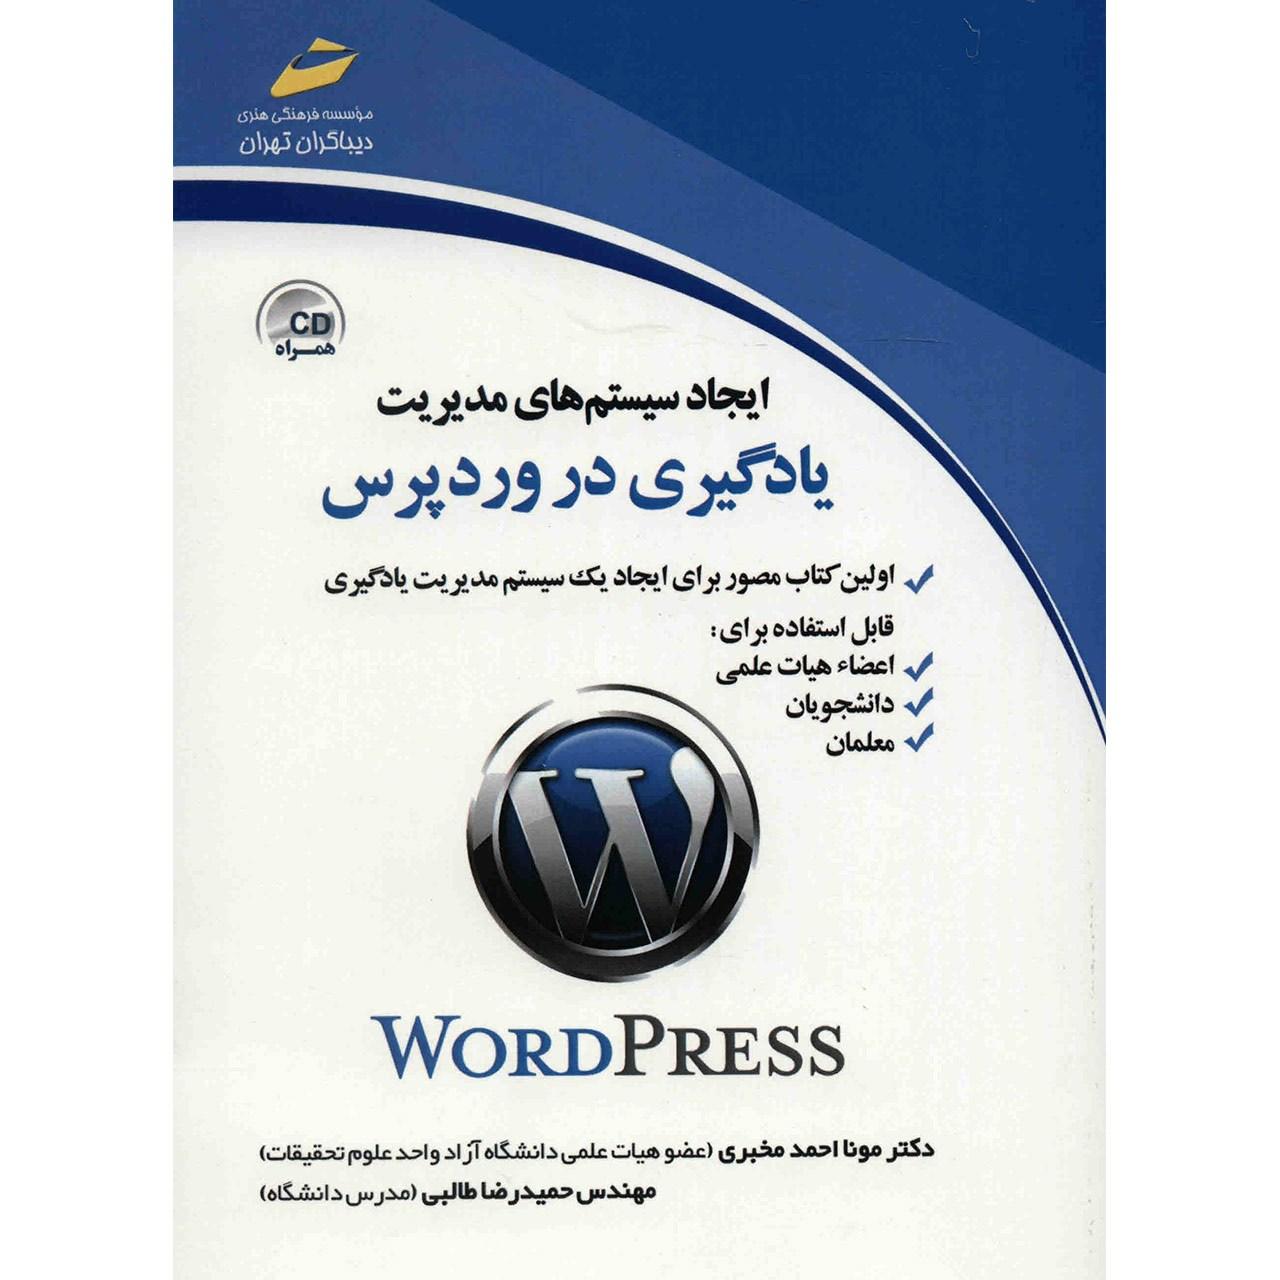 کتاب ایجاد سیستم های مدیریت یادگیری در وردپرس اثر مونا احمد مخبری